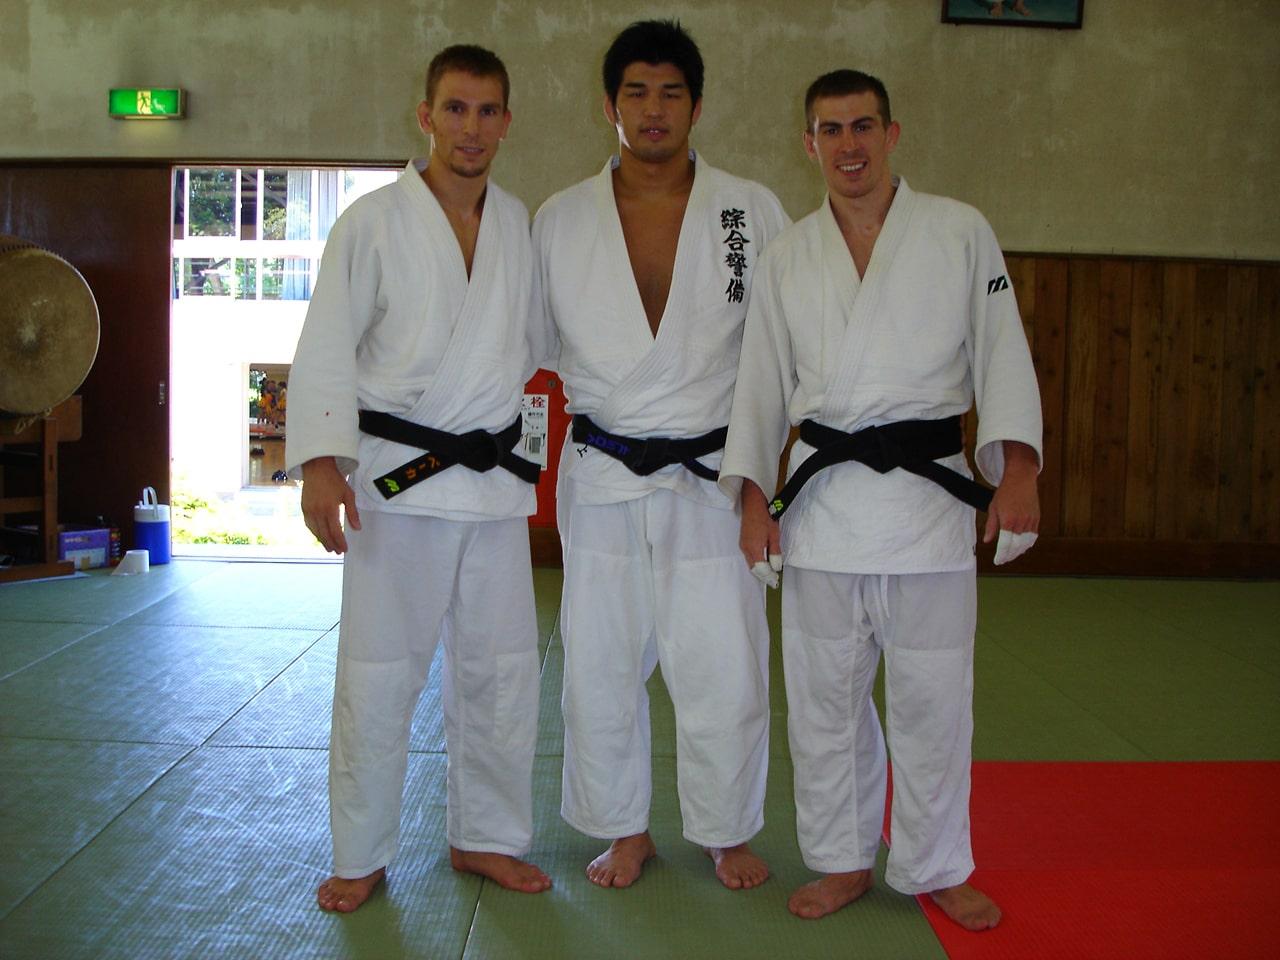 Miloš Mijalković, Kōsei Inoue, Marko Mijalković